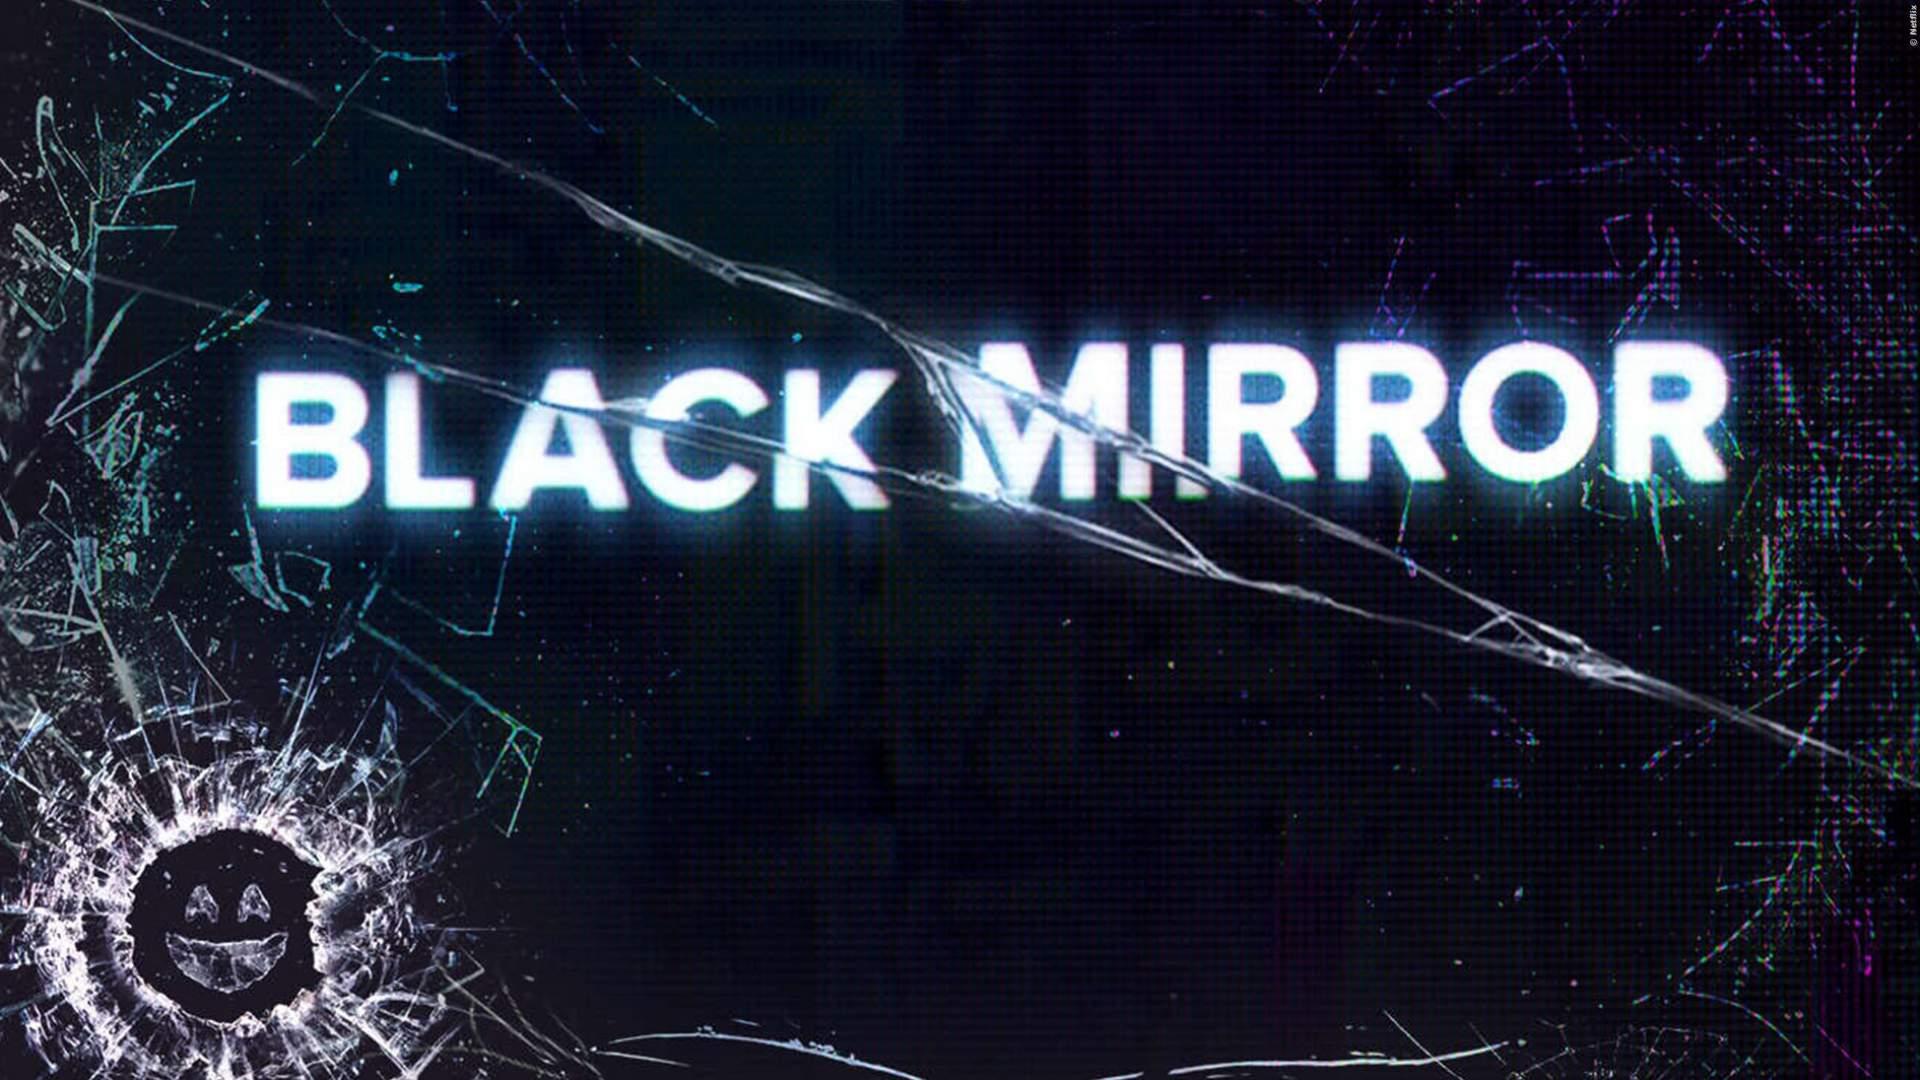 BLACK MIRROR: Trailer zu Staffel 5 ist da - Neue Folgen gibt es ab dem